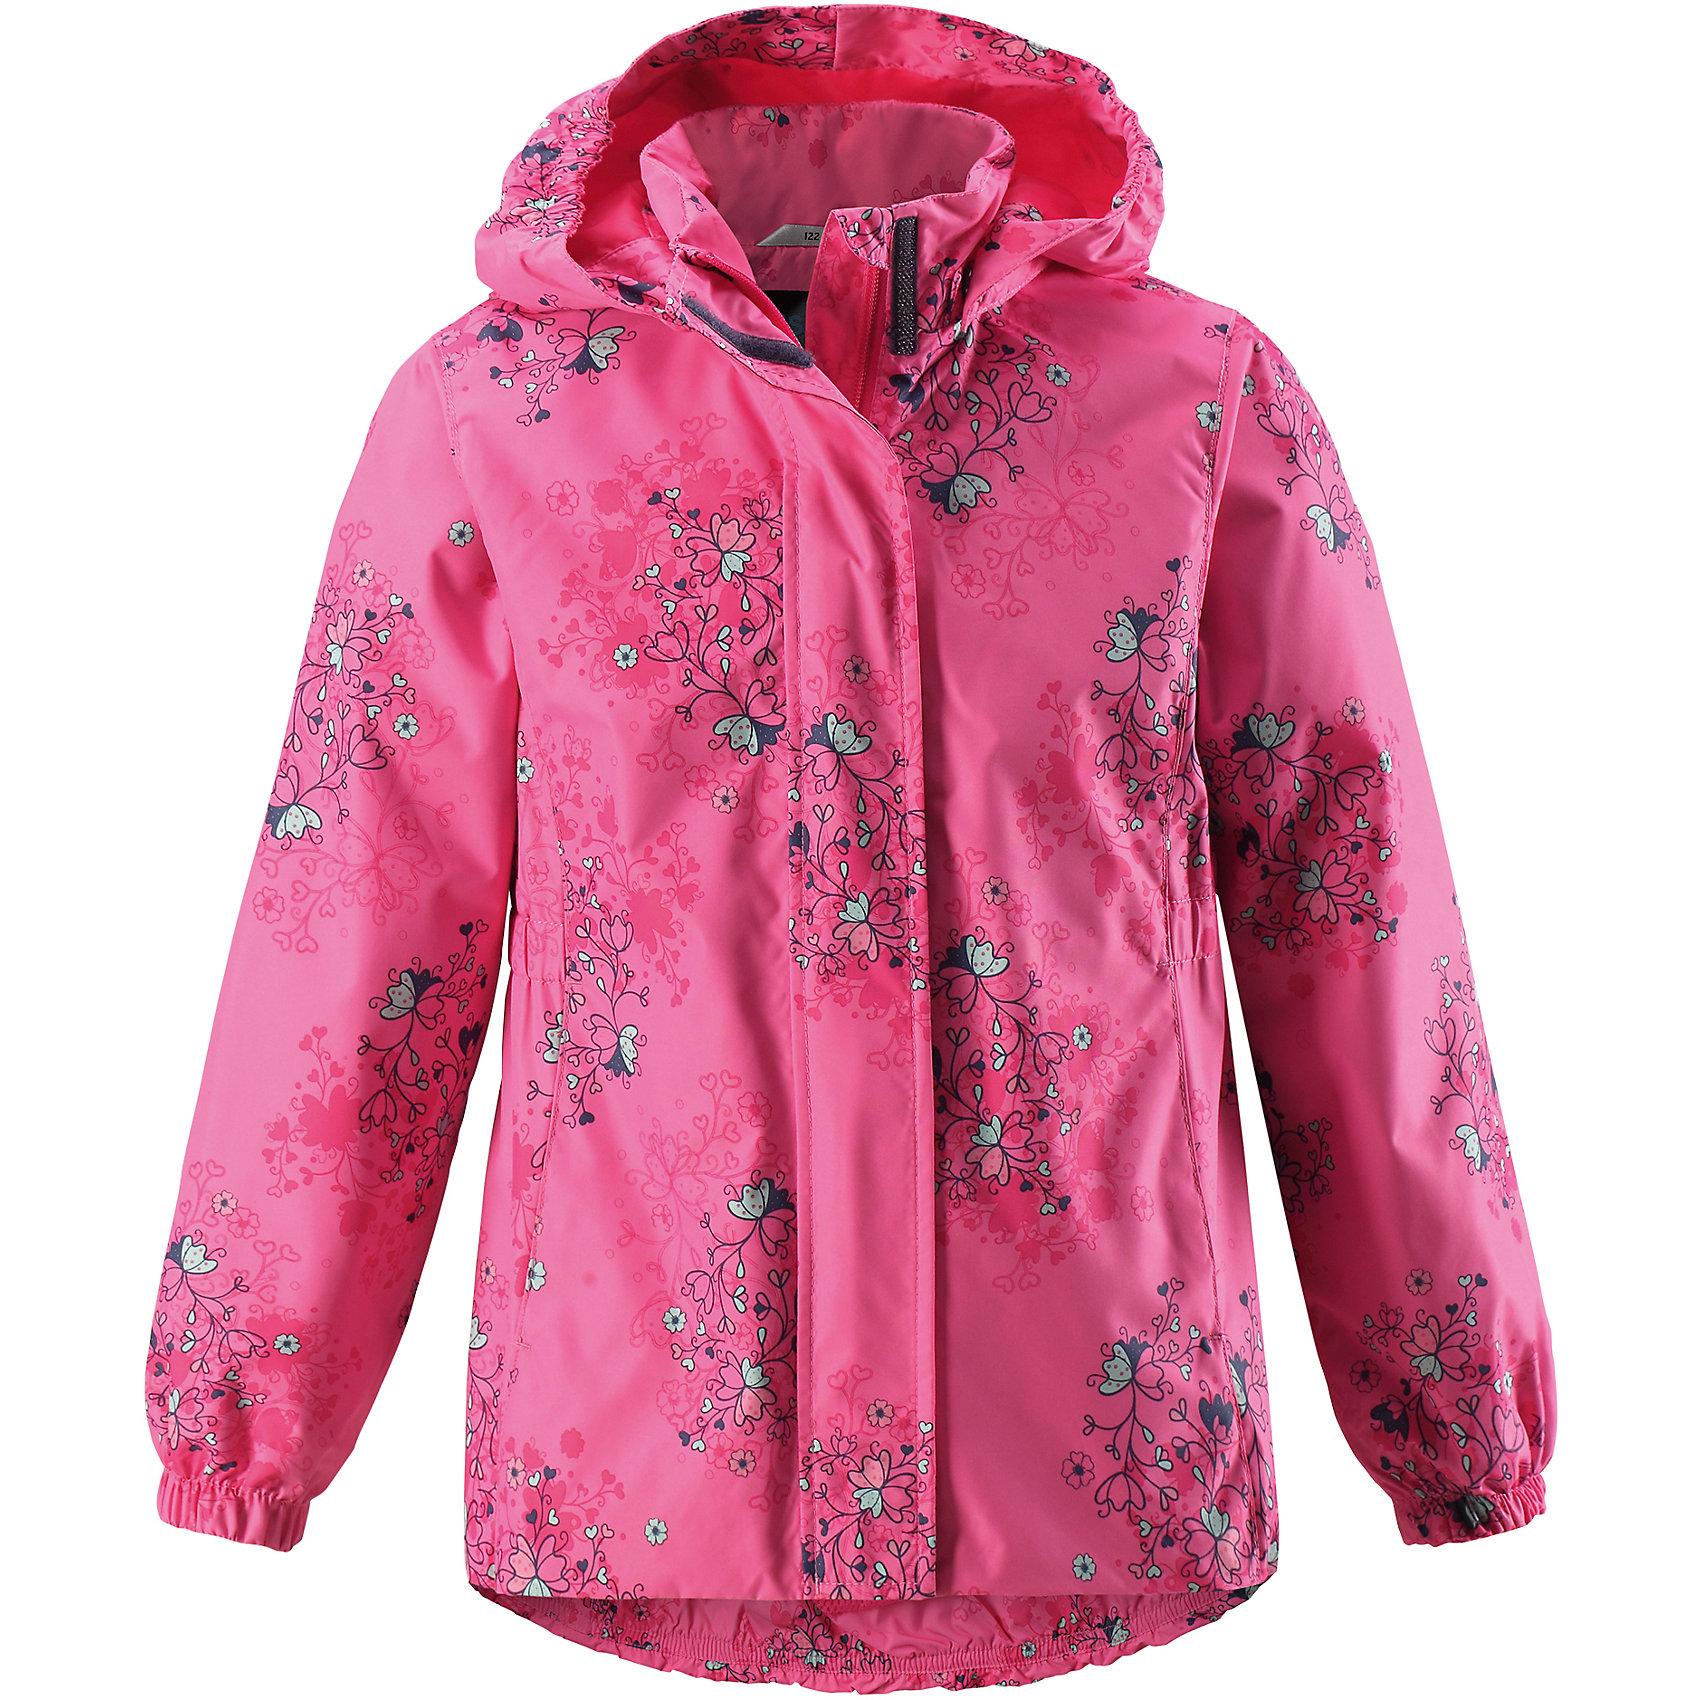 Куртка для девочки LASSIEОдежда<br>Курткадля девочки LASSIE<br>Состав:<br>100% Полиэстер, полиуретановое покрытие<br> Куртка для детей<br> Водоотталкивающий, ветронепроницаемый и «дышащий» материал<br> Крой для девочек<br> Подкладка из mesh-сетки<br> Безопасный, съемный капюшон<br> Эластичные манжеты<br> Эластичная талия<br> Эластичная кромка подола<br> Карманы в боковых швах<br><br>Ширина мм: 356<br>Глубина мм: 10<br>Высота мм: 245<br>Вес г: 519<br>Цвет: розовый<br>Возраст от месяцев: 18<br>Возраст до месяцев: 24<br>Пол: Женский<br>Возраст: Детский<br>Размер: 92,140,134,116,110,104,98,122,128<br>SKU: 5264565